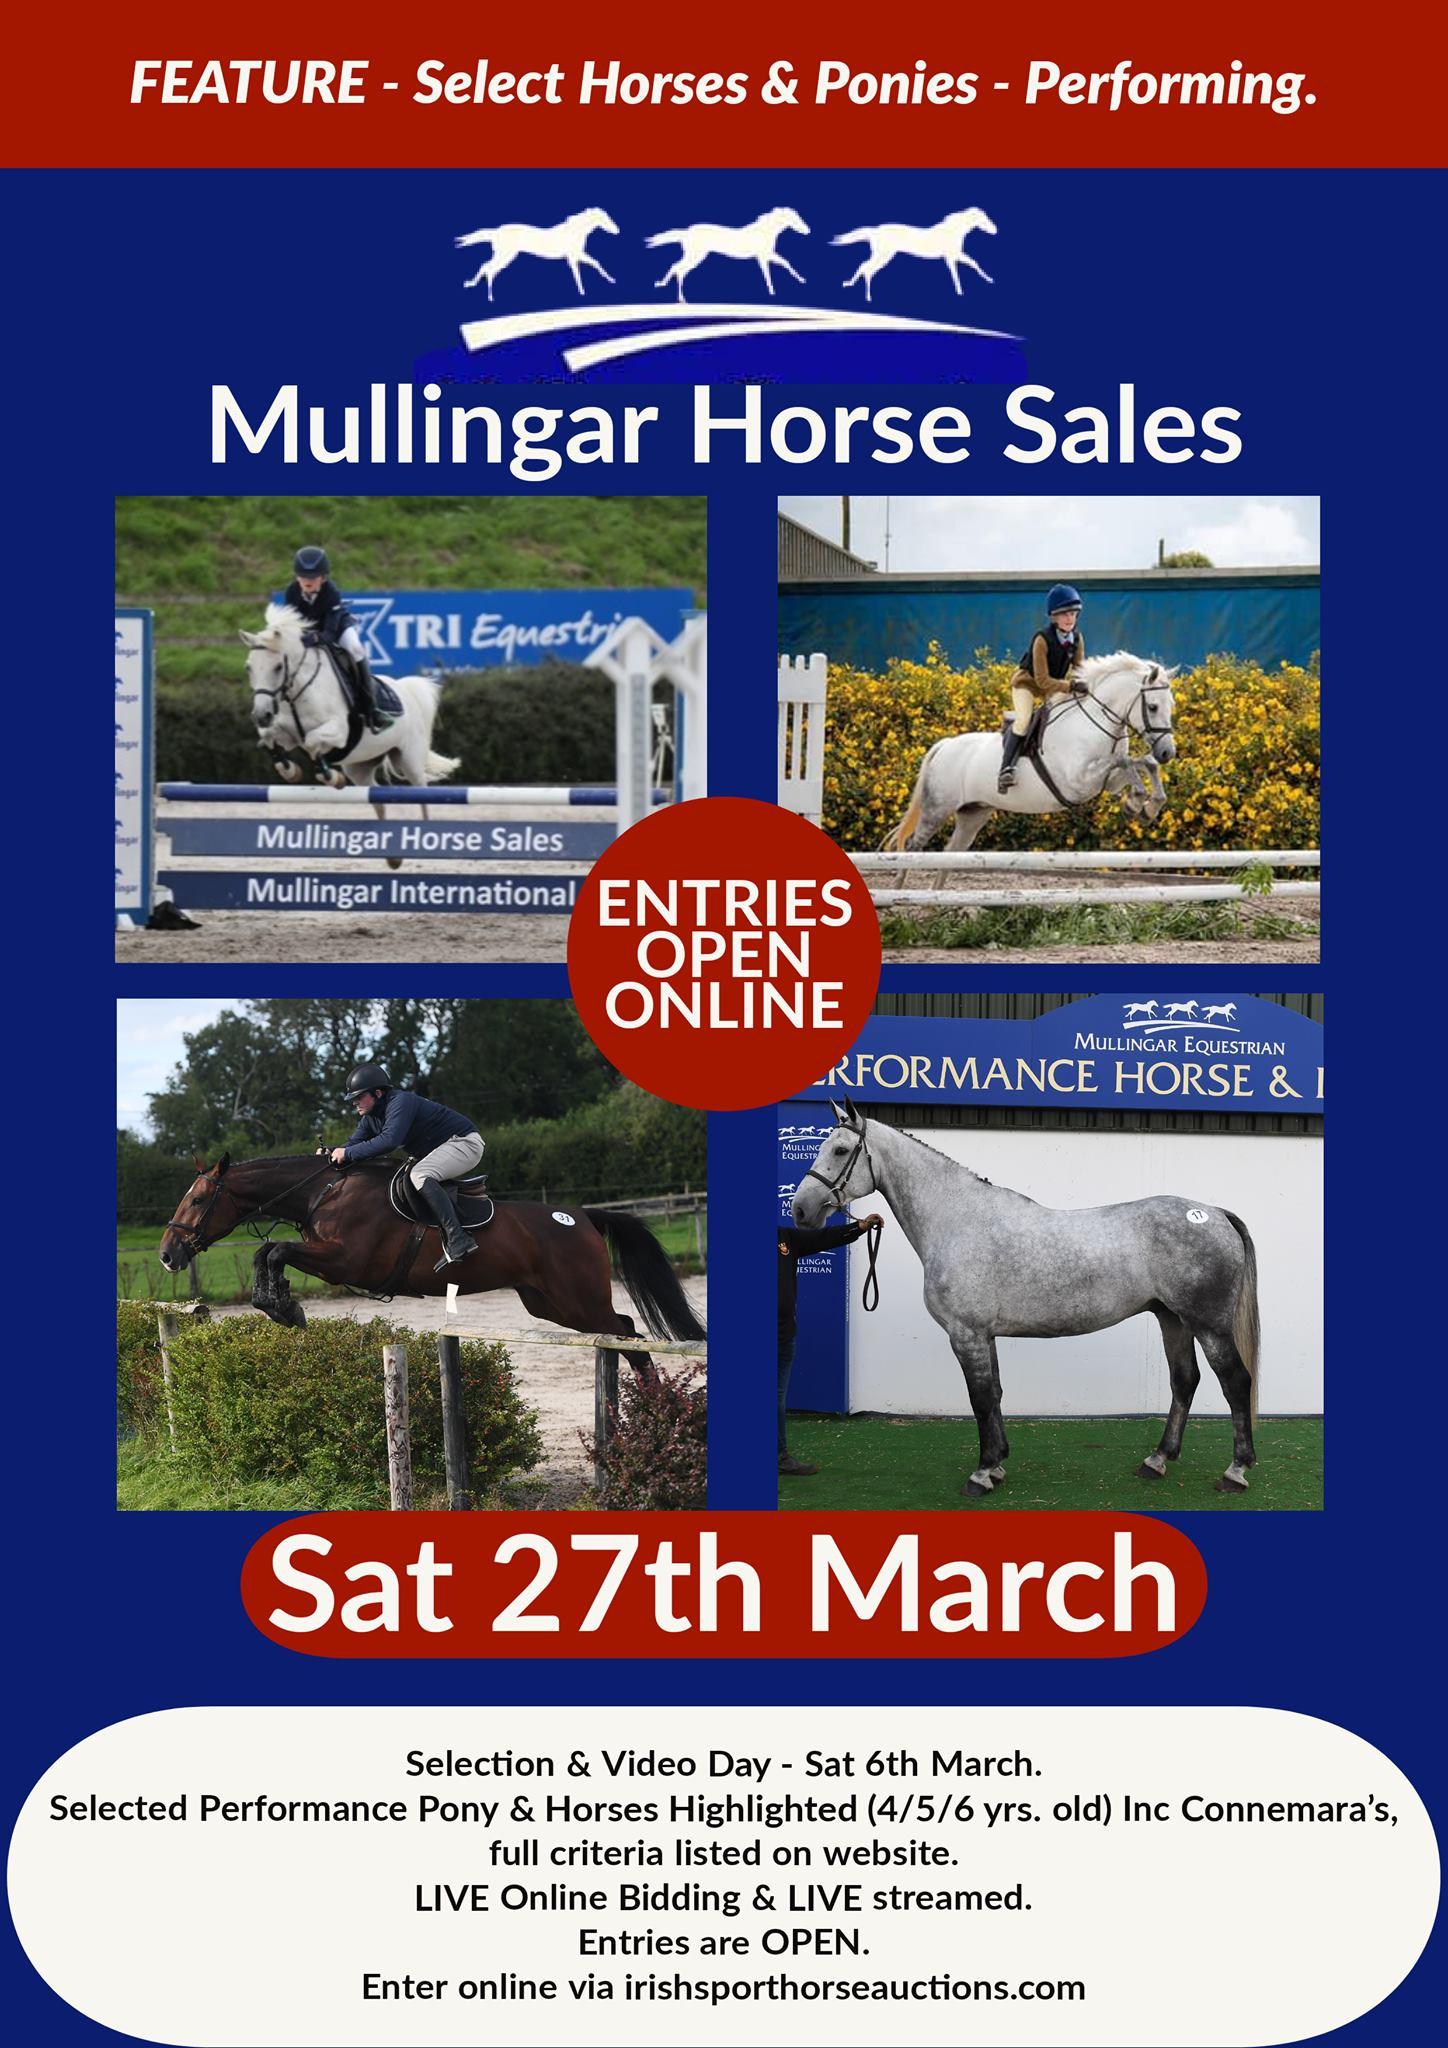 Performance Horse & Pony Sale